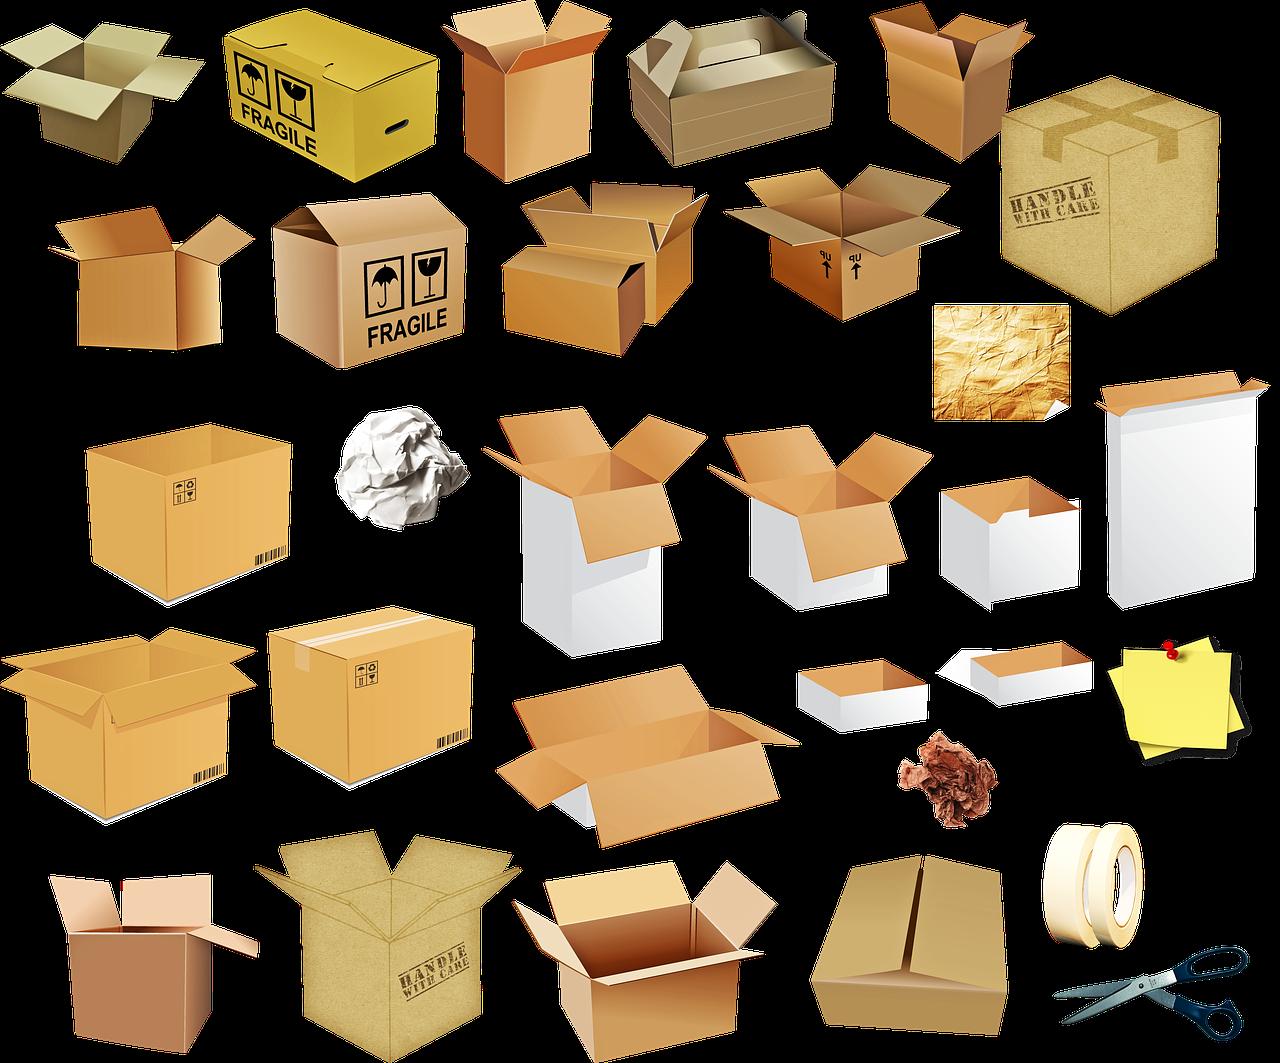 újracsomagolva - csomagolóanyag újrafelhasználó kampány